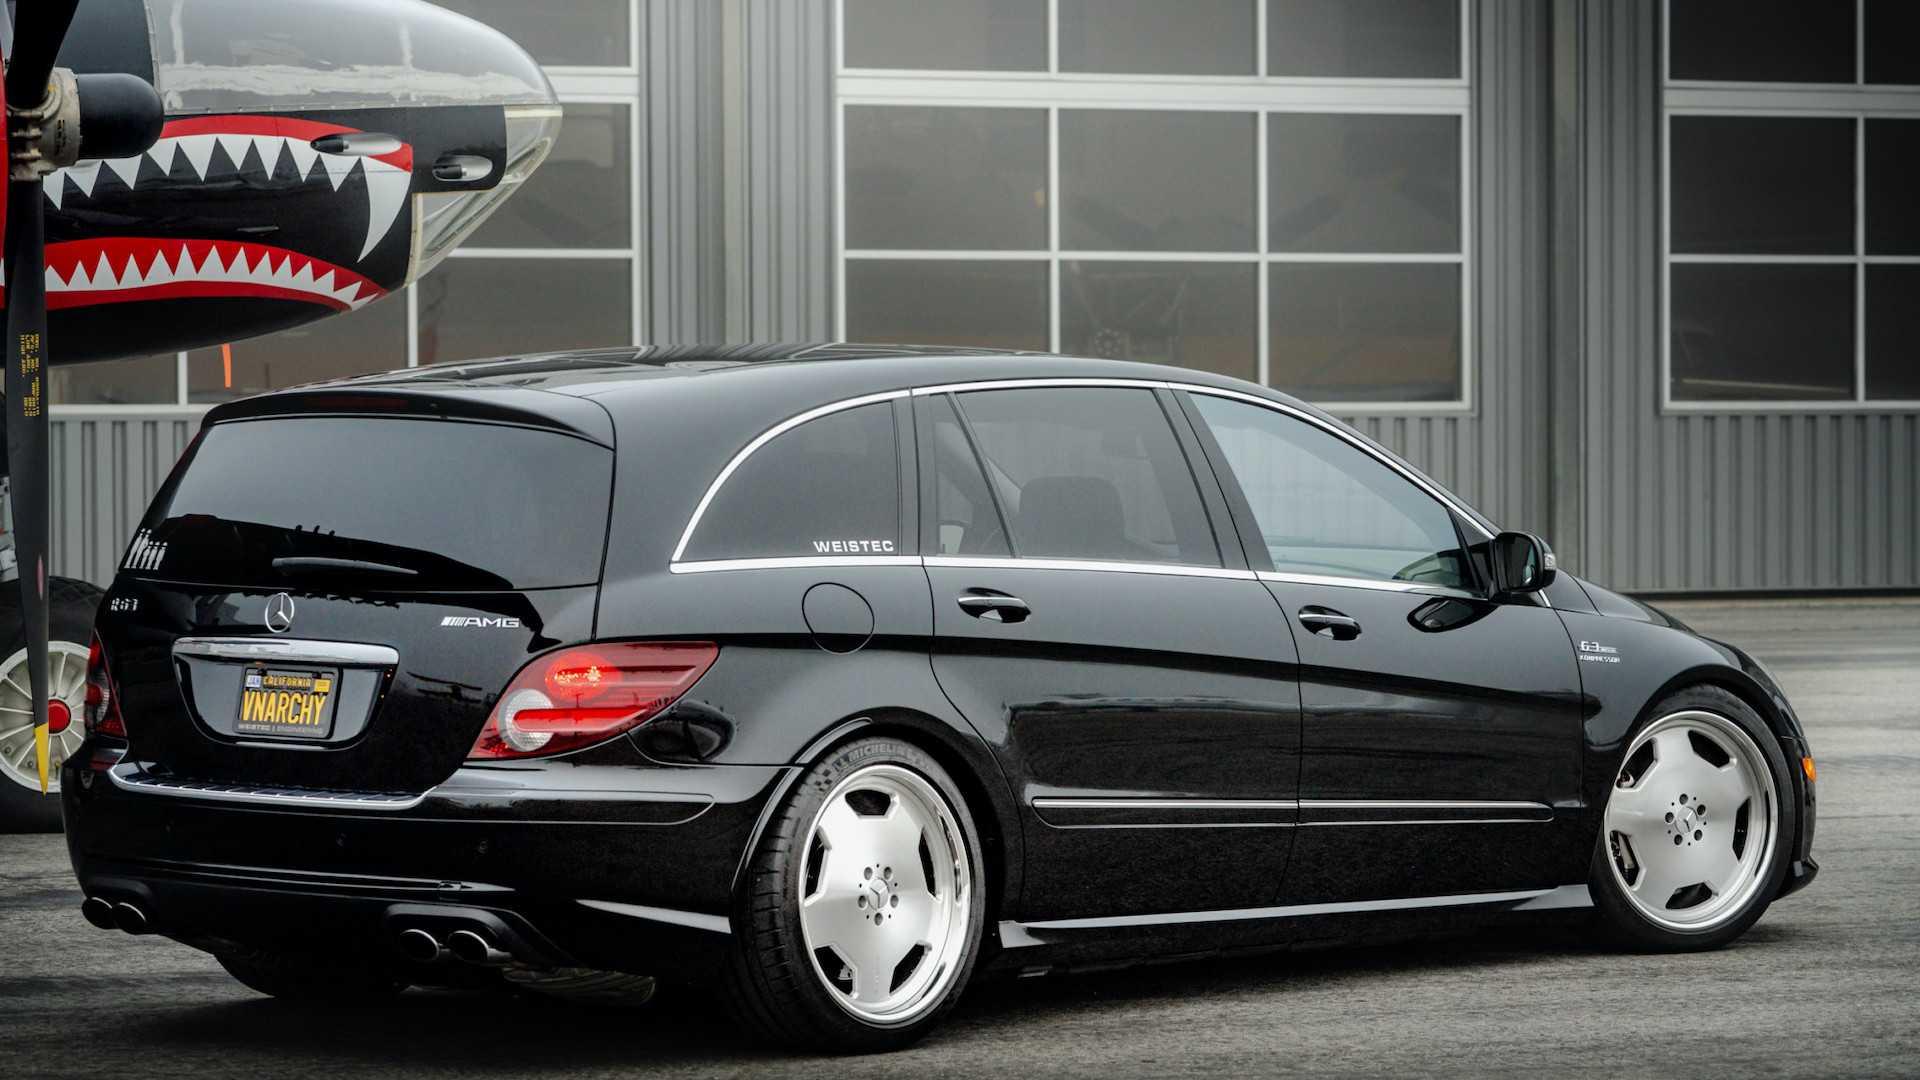 Mercedes R63 AMG или это невероятно мощный микроавтобус на 700 л.с.